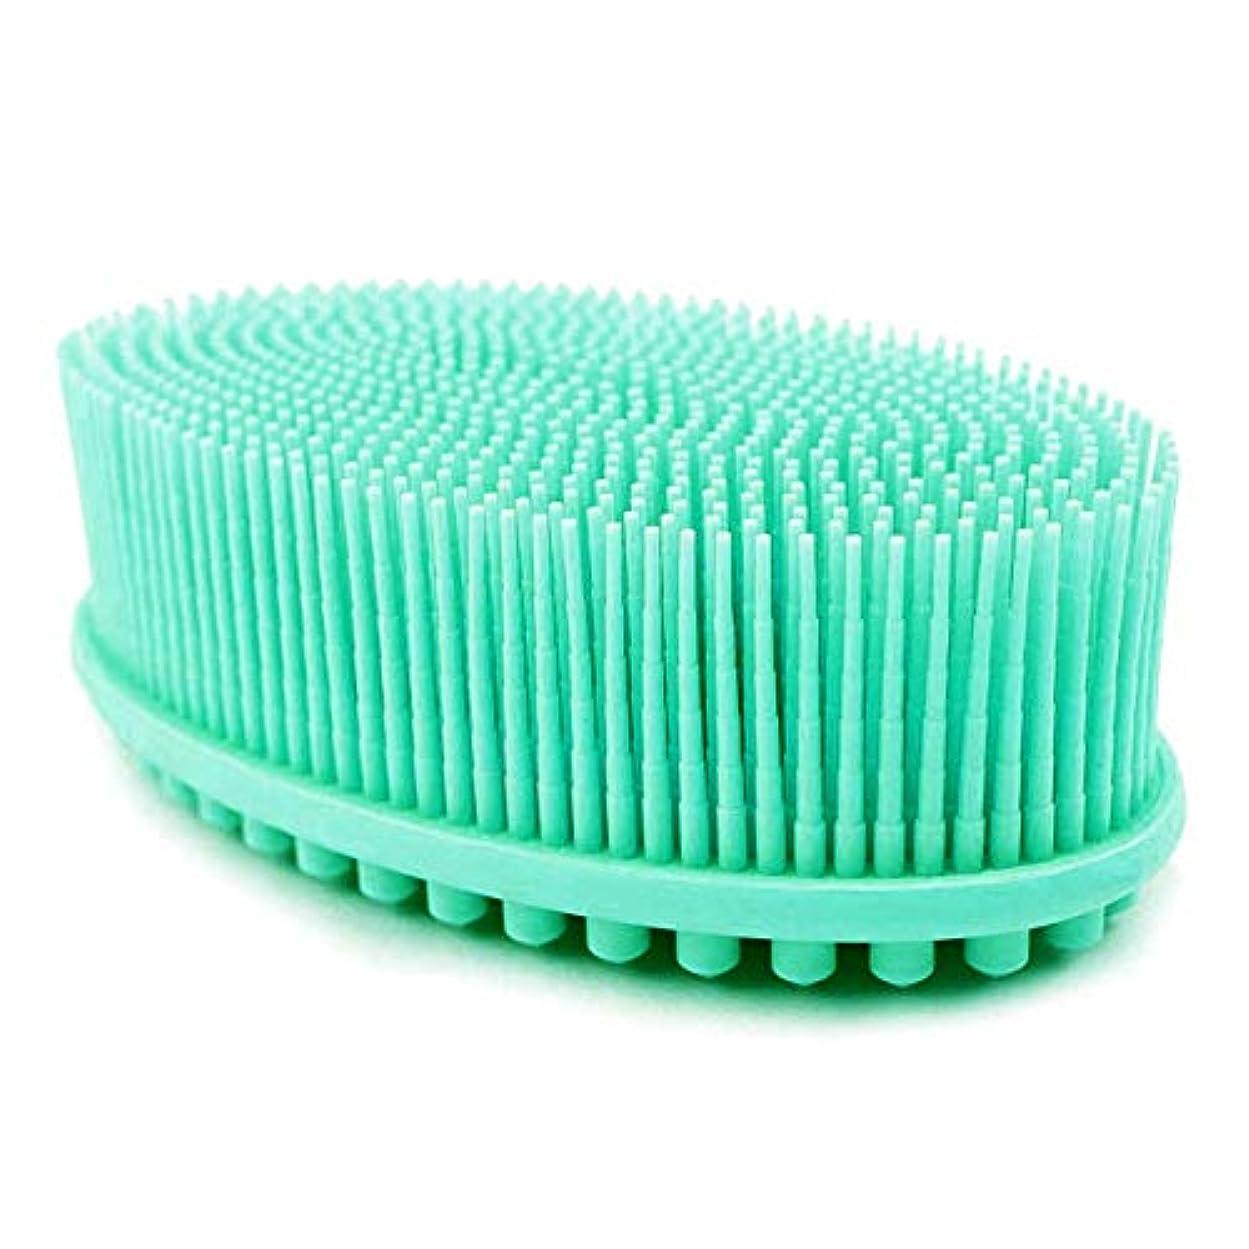 種類真向こう時代遅れボディブラシ 両面両用ブラシ シリコン製シャワーブラシ バス用品 お風呂ブラシ角質除去 美肌効果 血液循環を改善し、健康と美容に良い, 緑